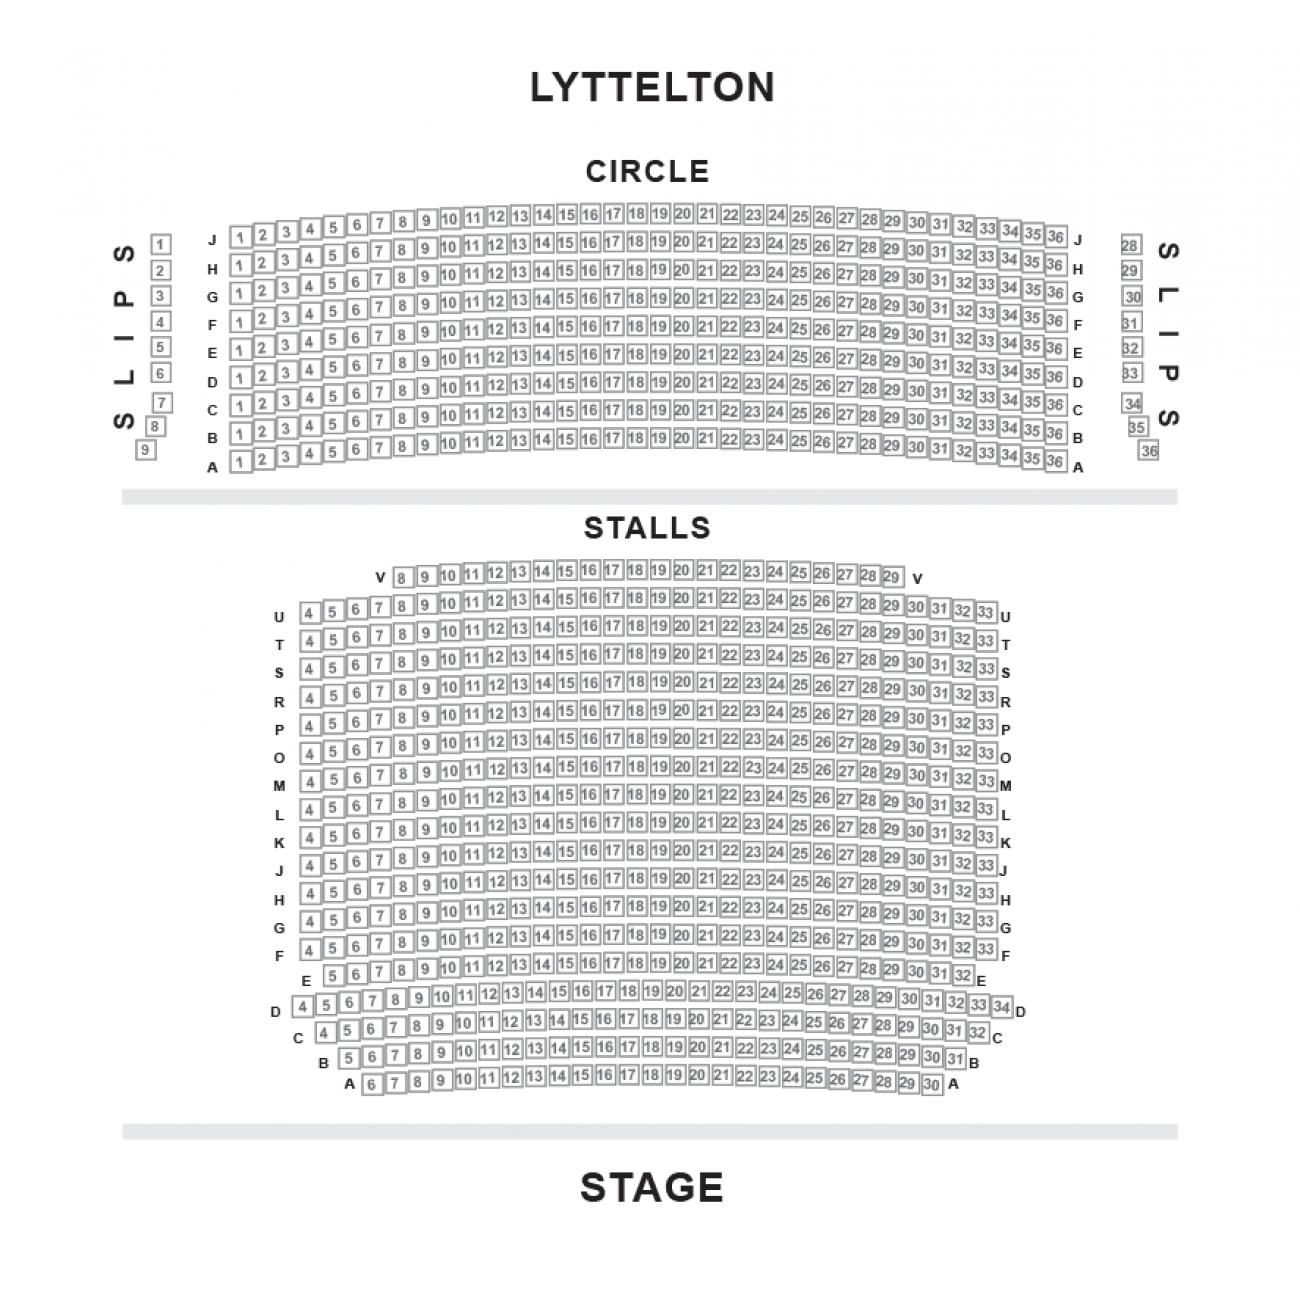 Lyttelton - National Theatre Zaalplan